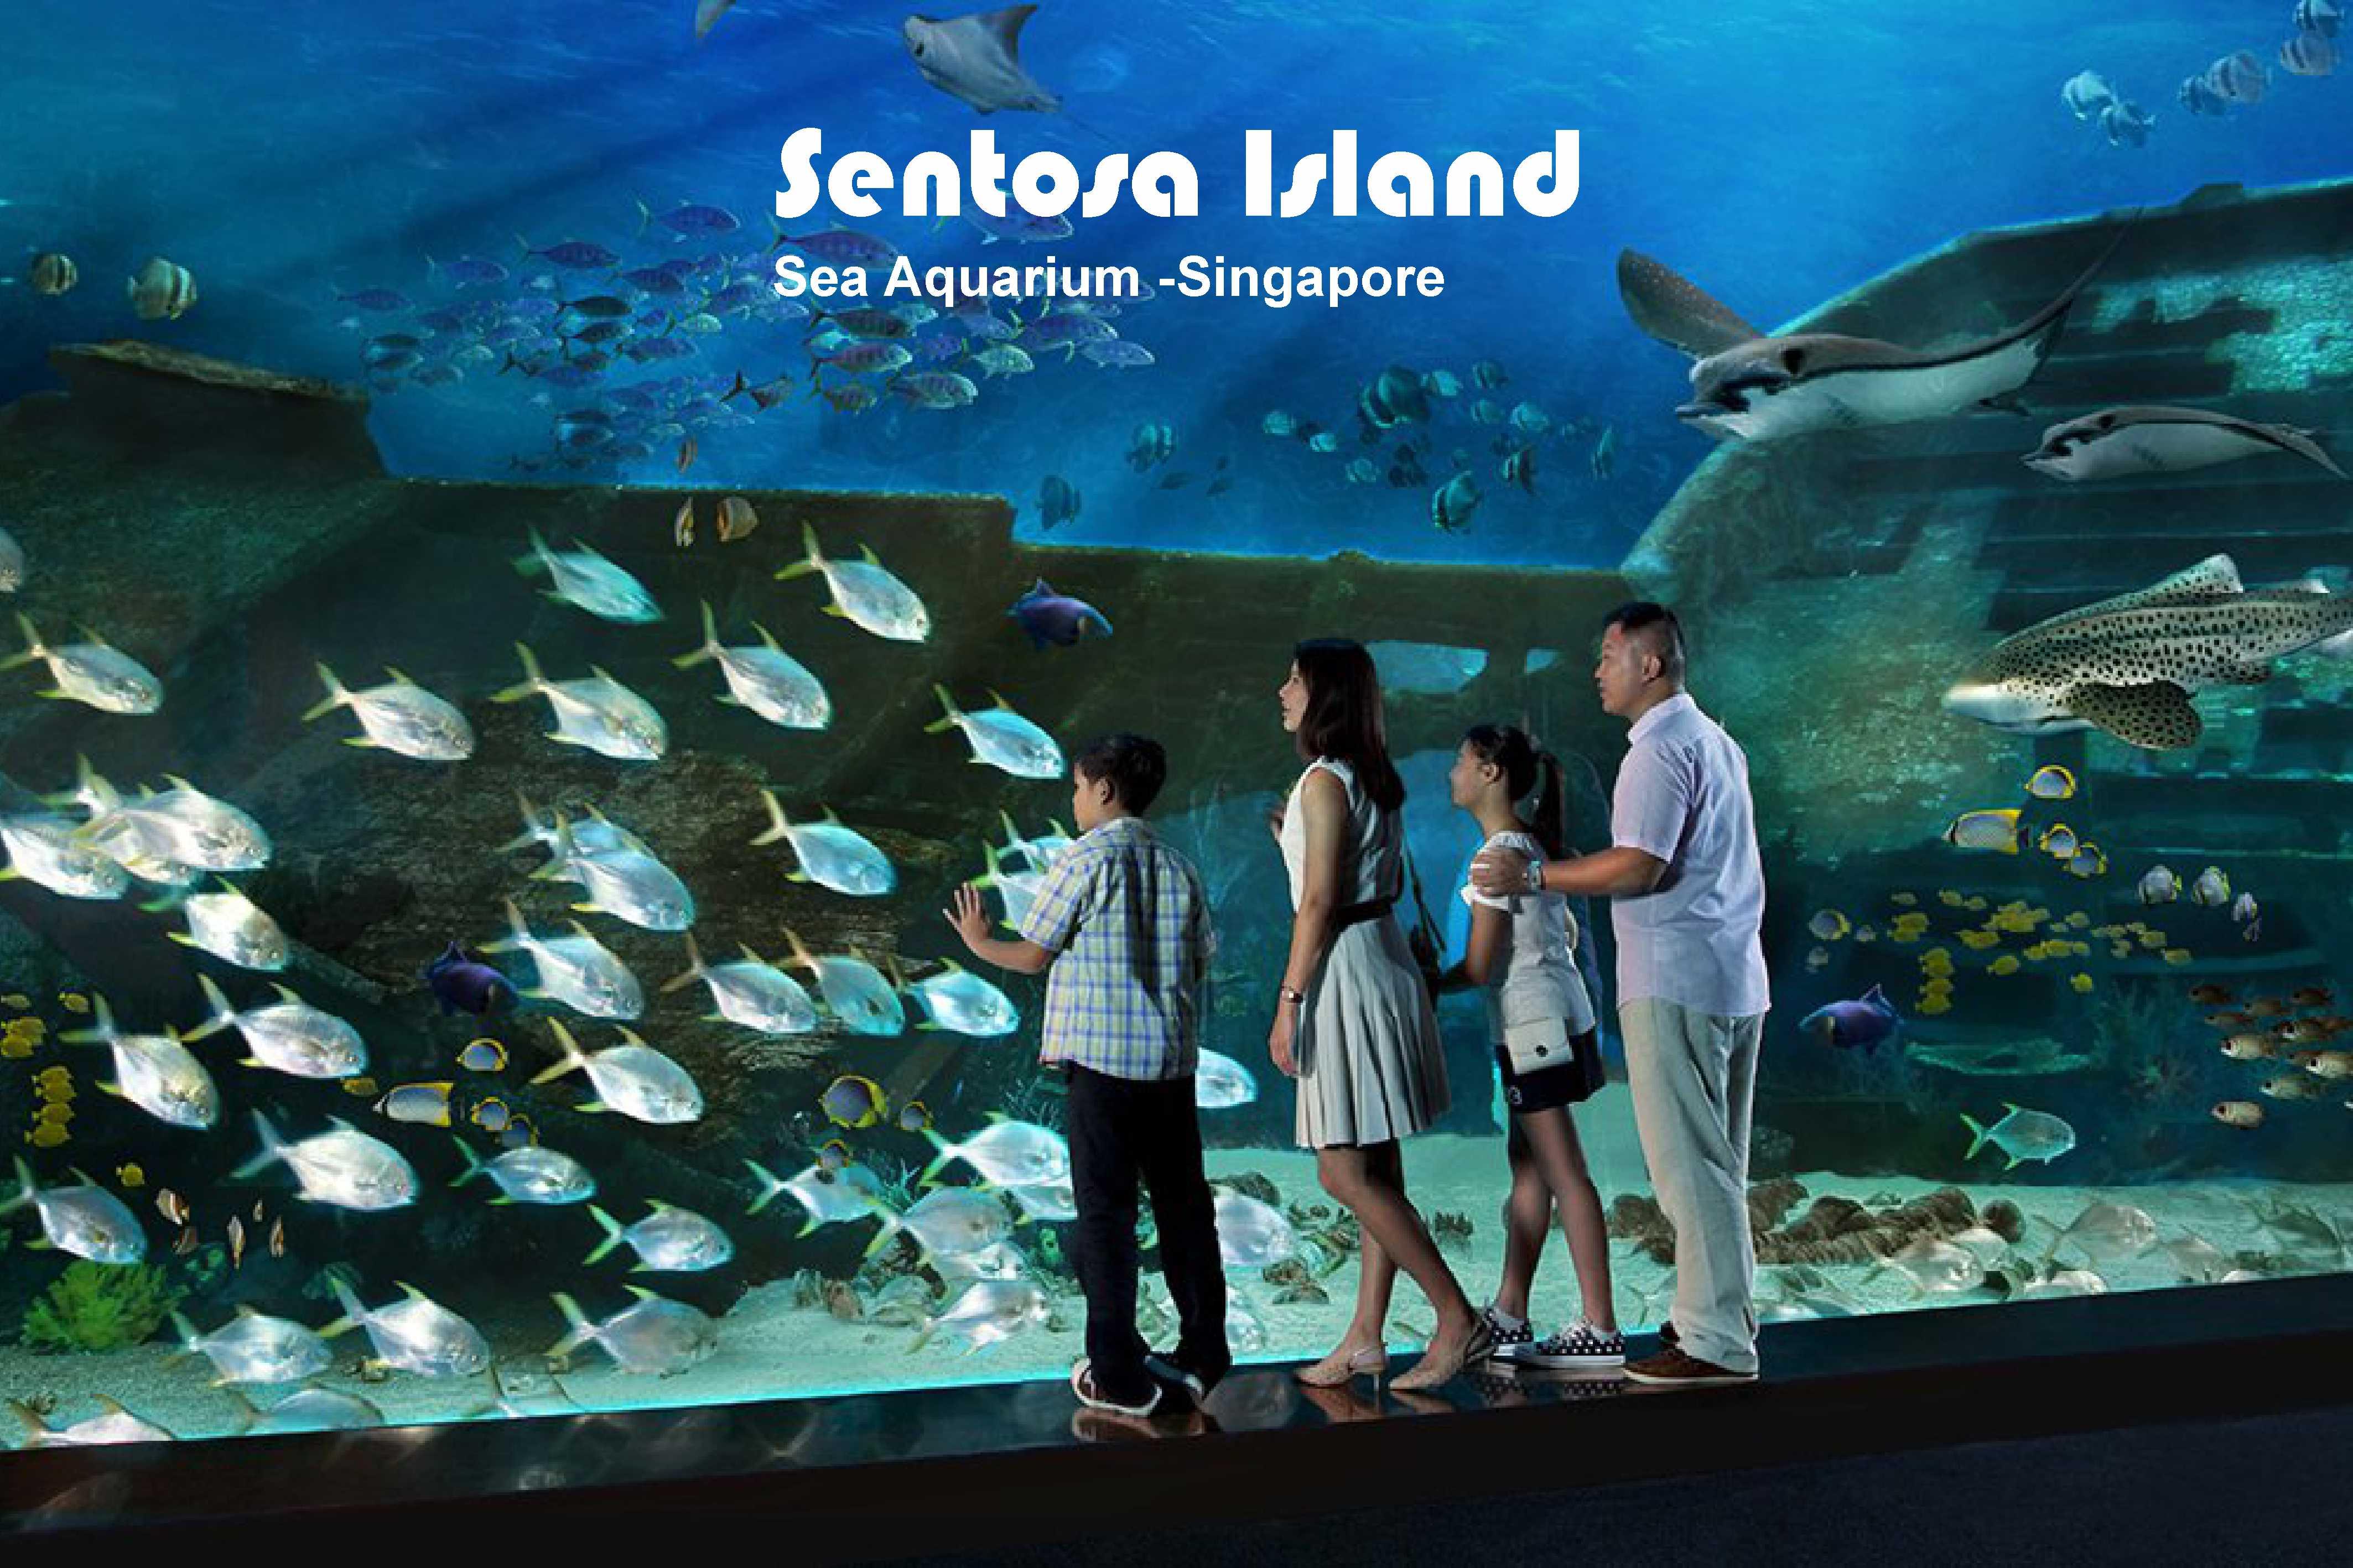 Sentosa Sea Aquarium